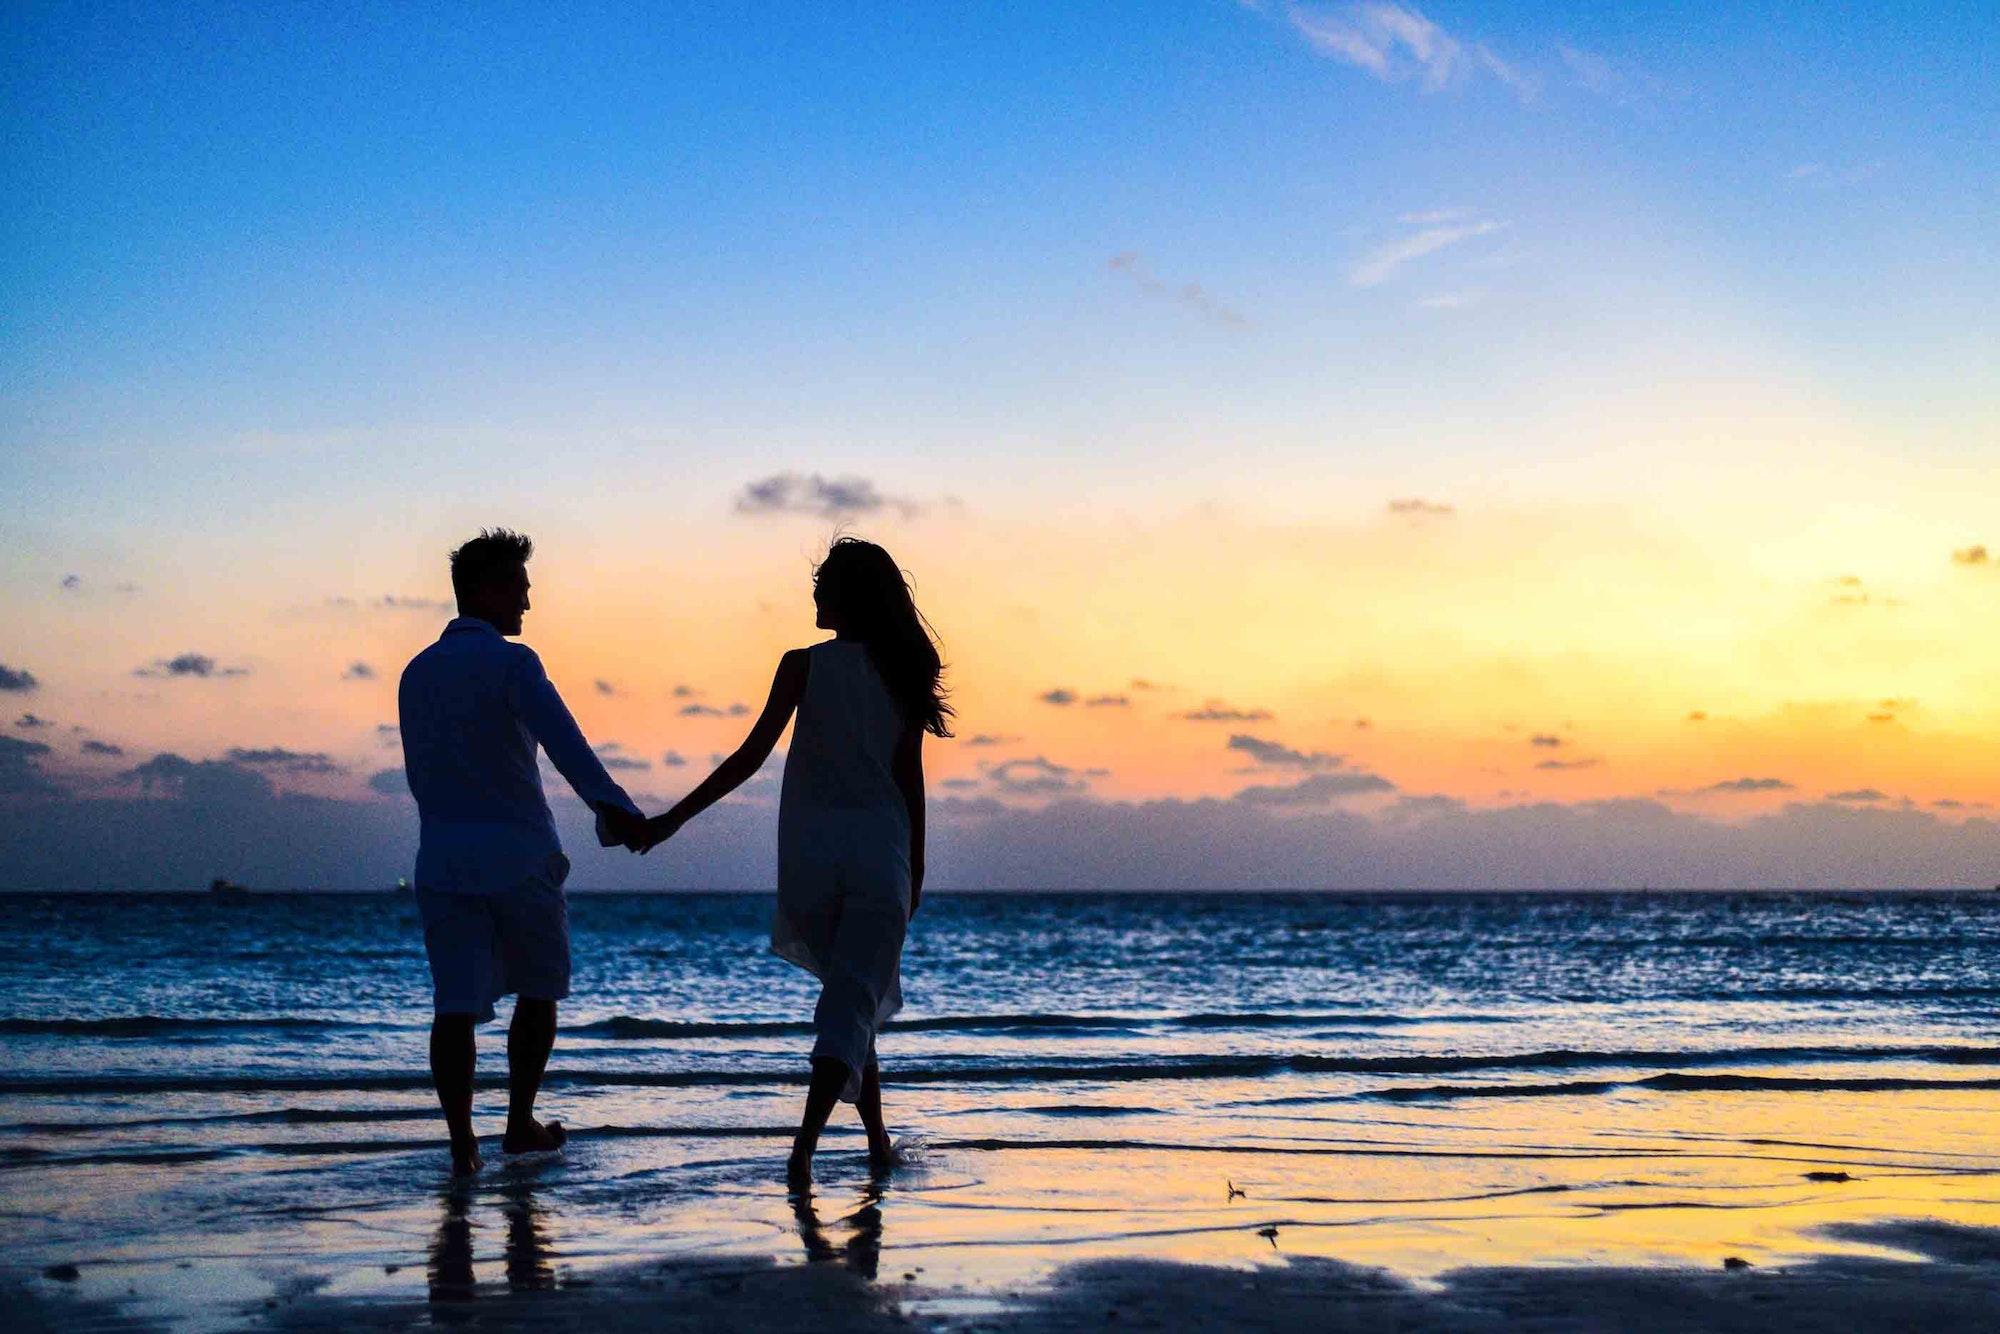 Les destinations les plus prisées - Couple sur une plage